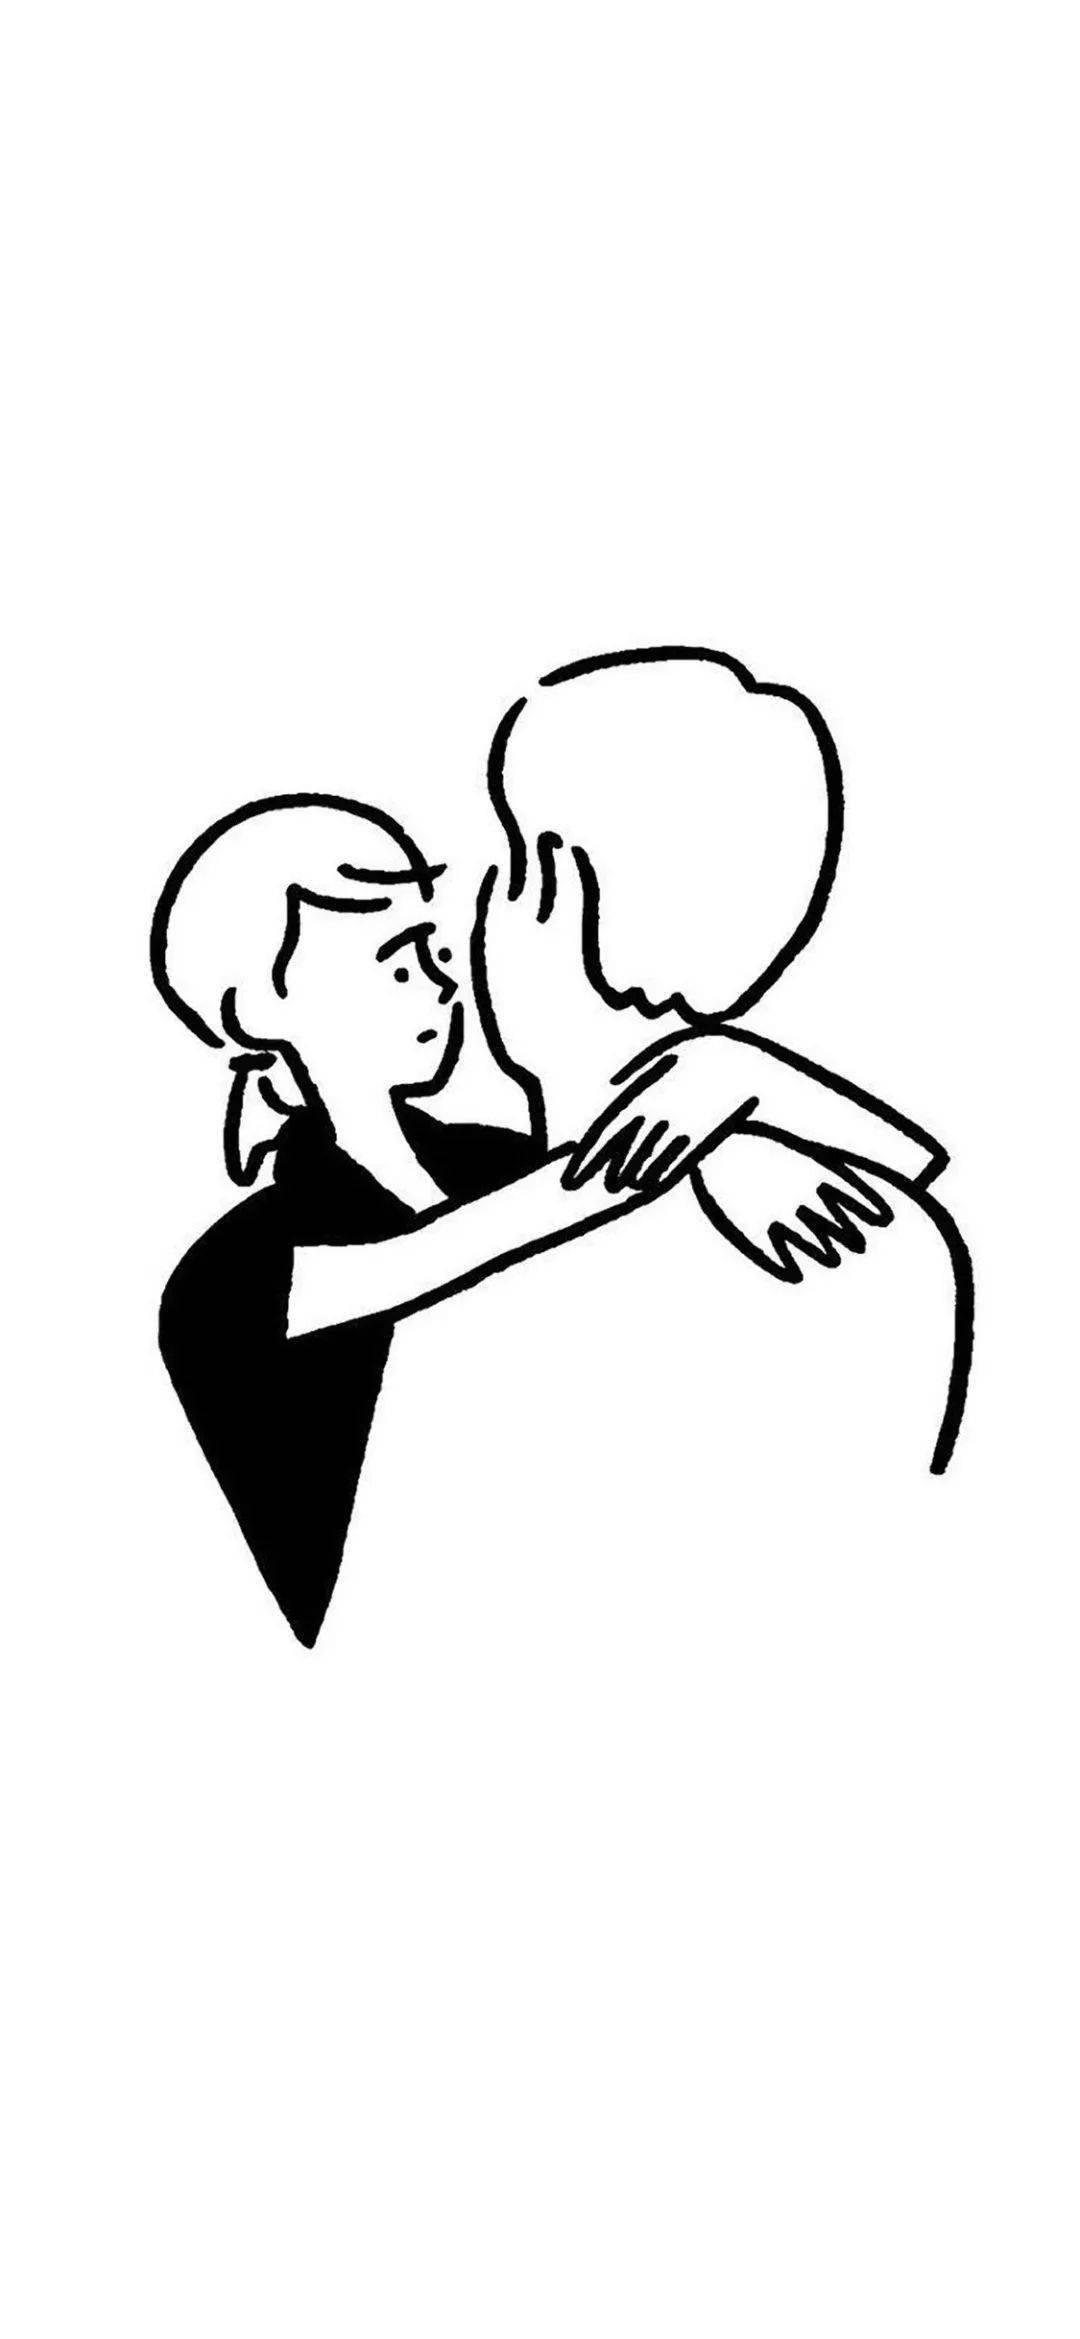 黑白简笔画情侣头像高清好看的卡通简笔画情侣头像图片 情侣头像 美头网